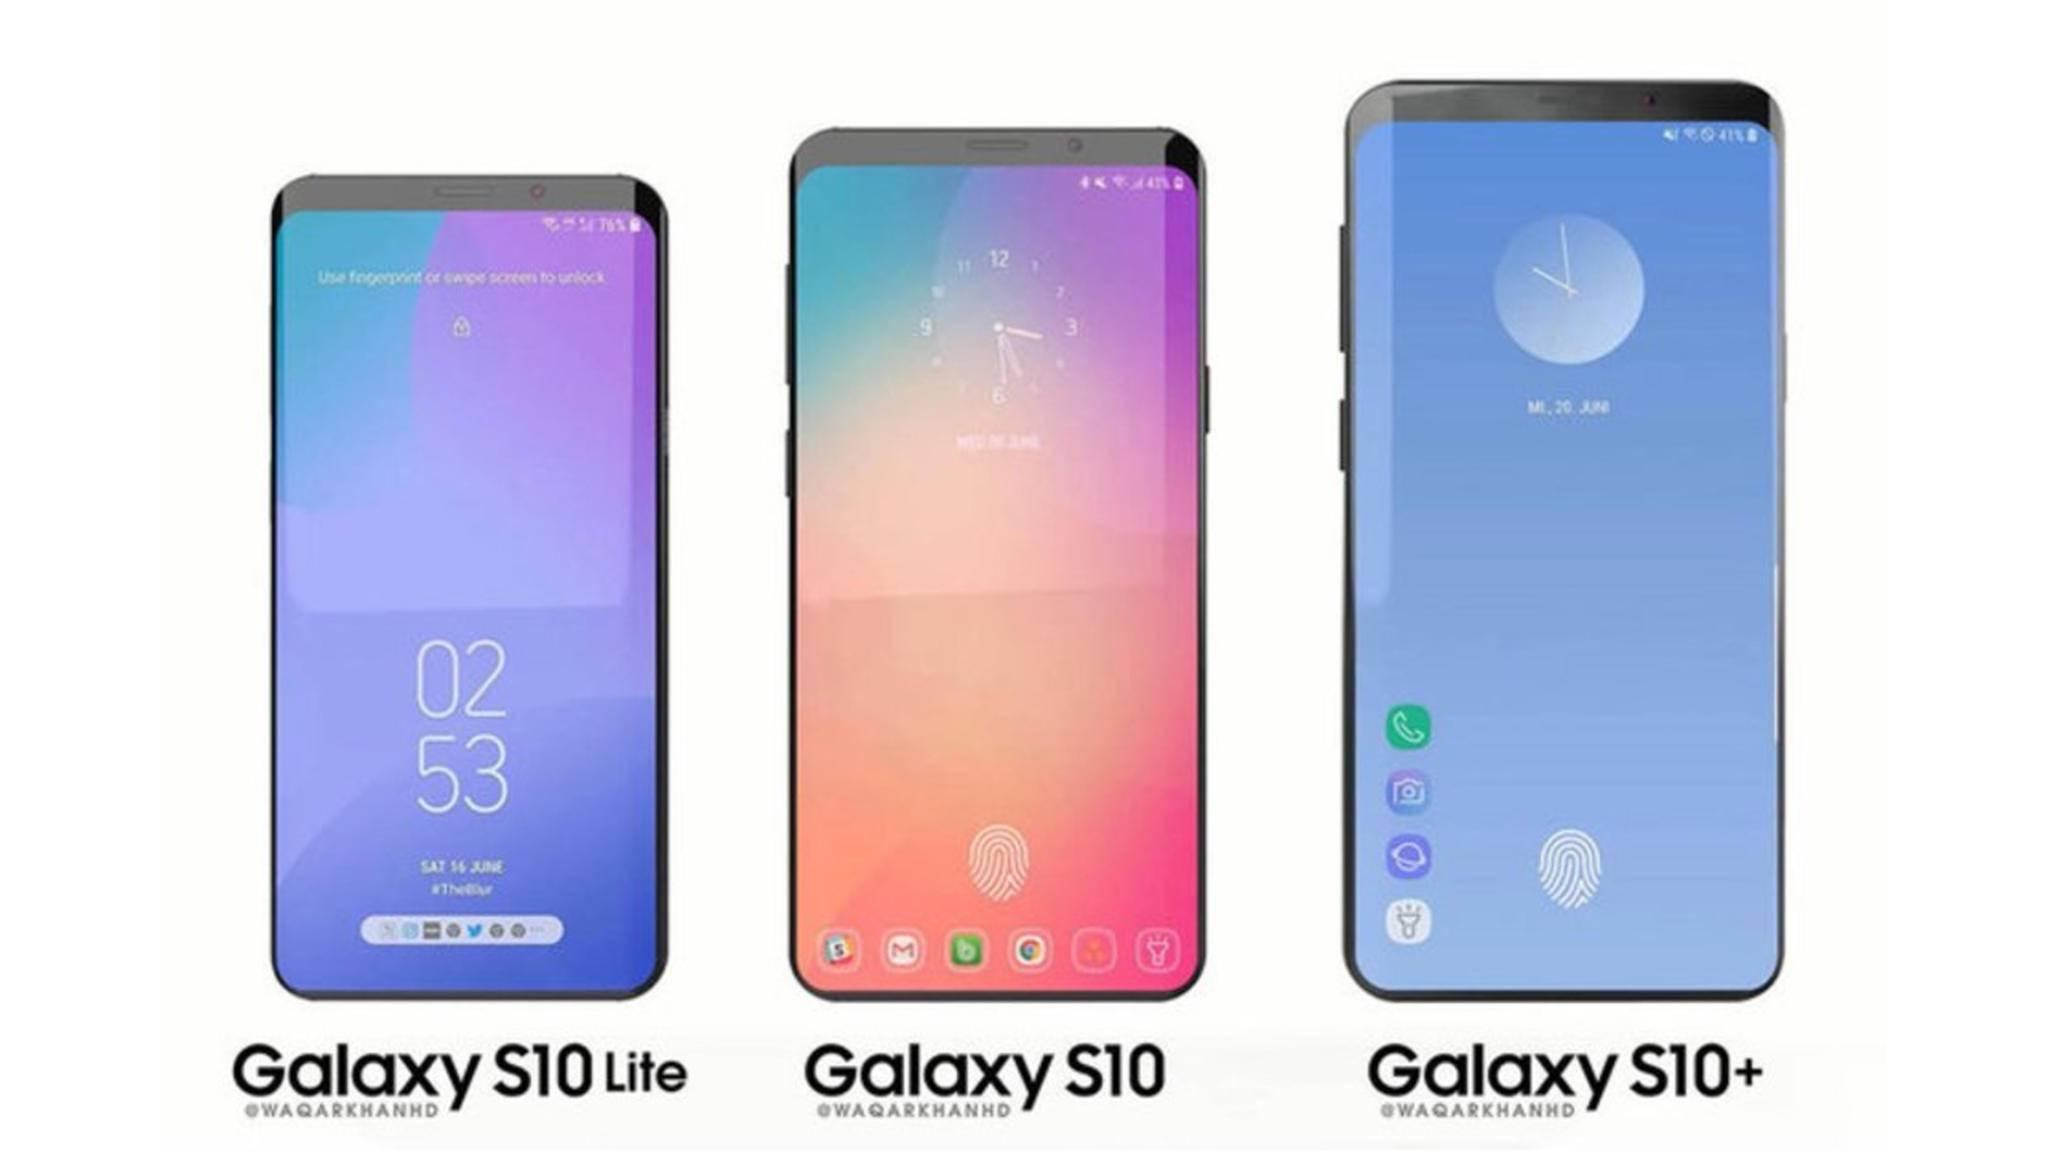 Dieses Konzept zeigt, wie das Galaxy-S10-Lineup von Samsung aussehen könnte.